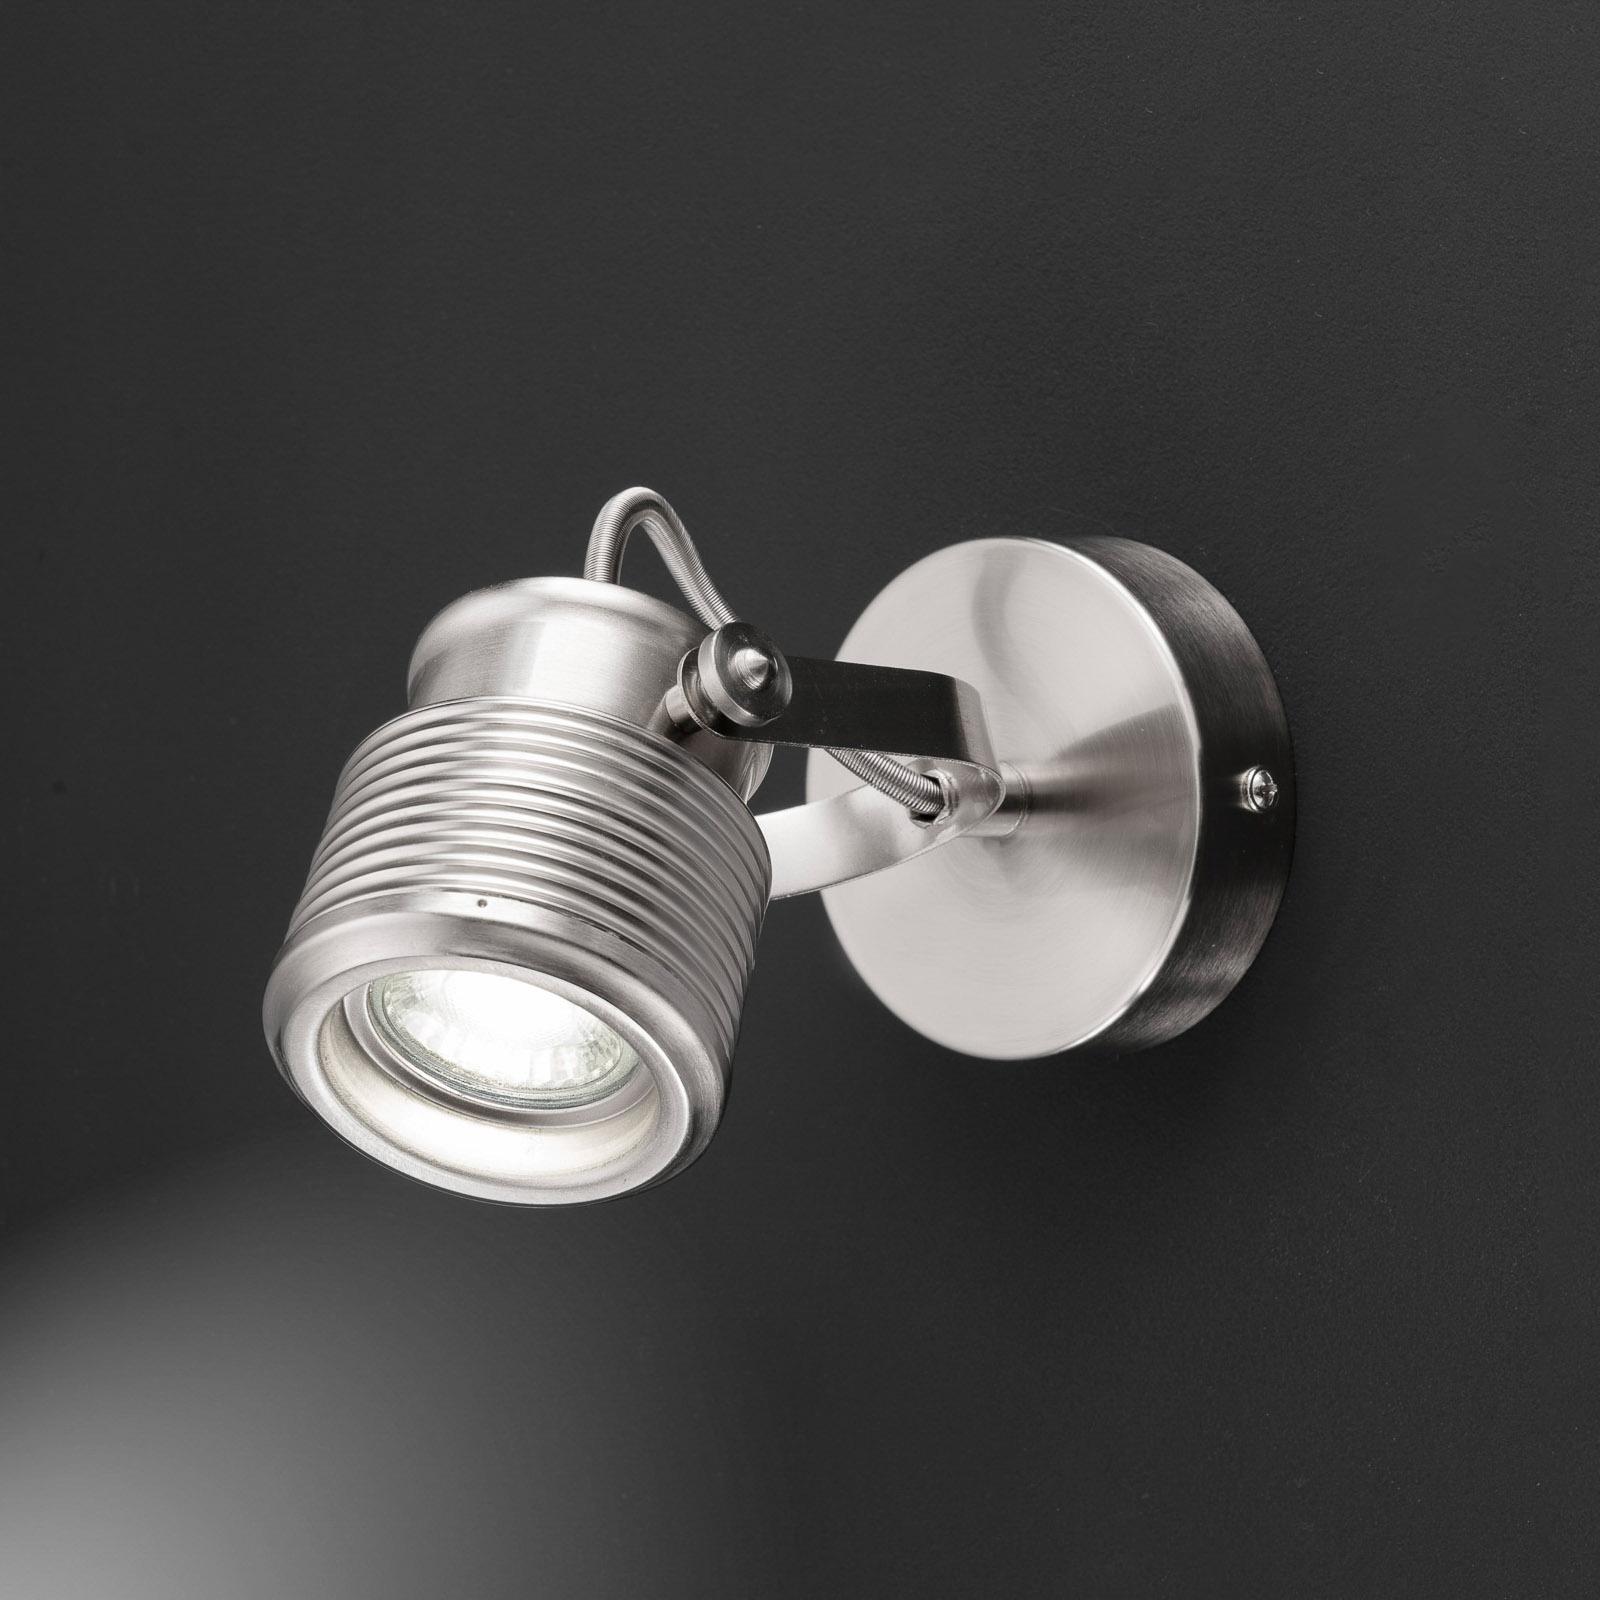 Spot Kim i industriell stil, 1 lampa